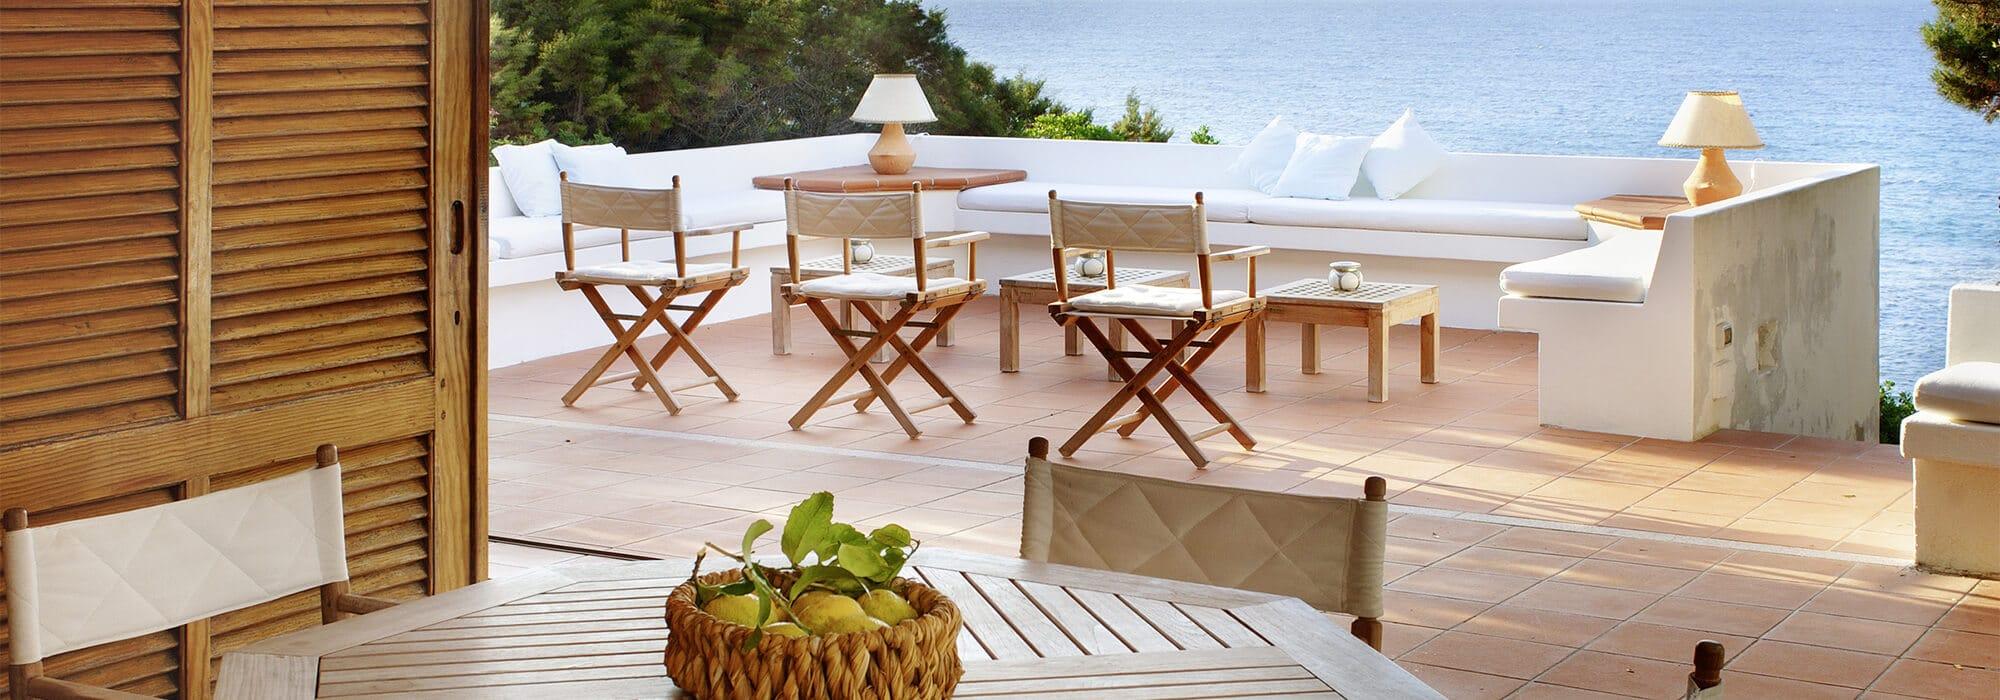 Pour les finitions de terrasse : Découvrez nos solutions de profilés et croisillons de carrelage